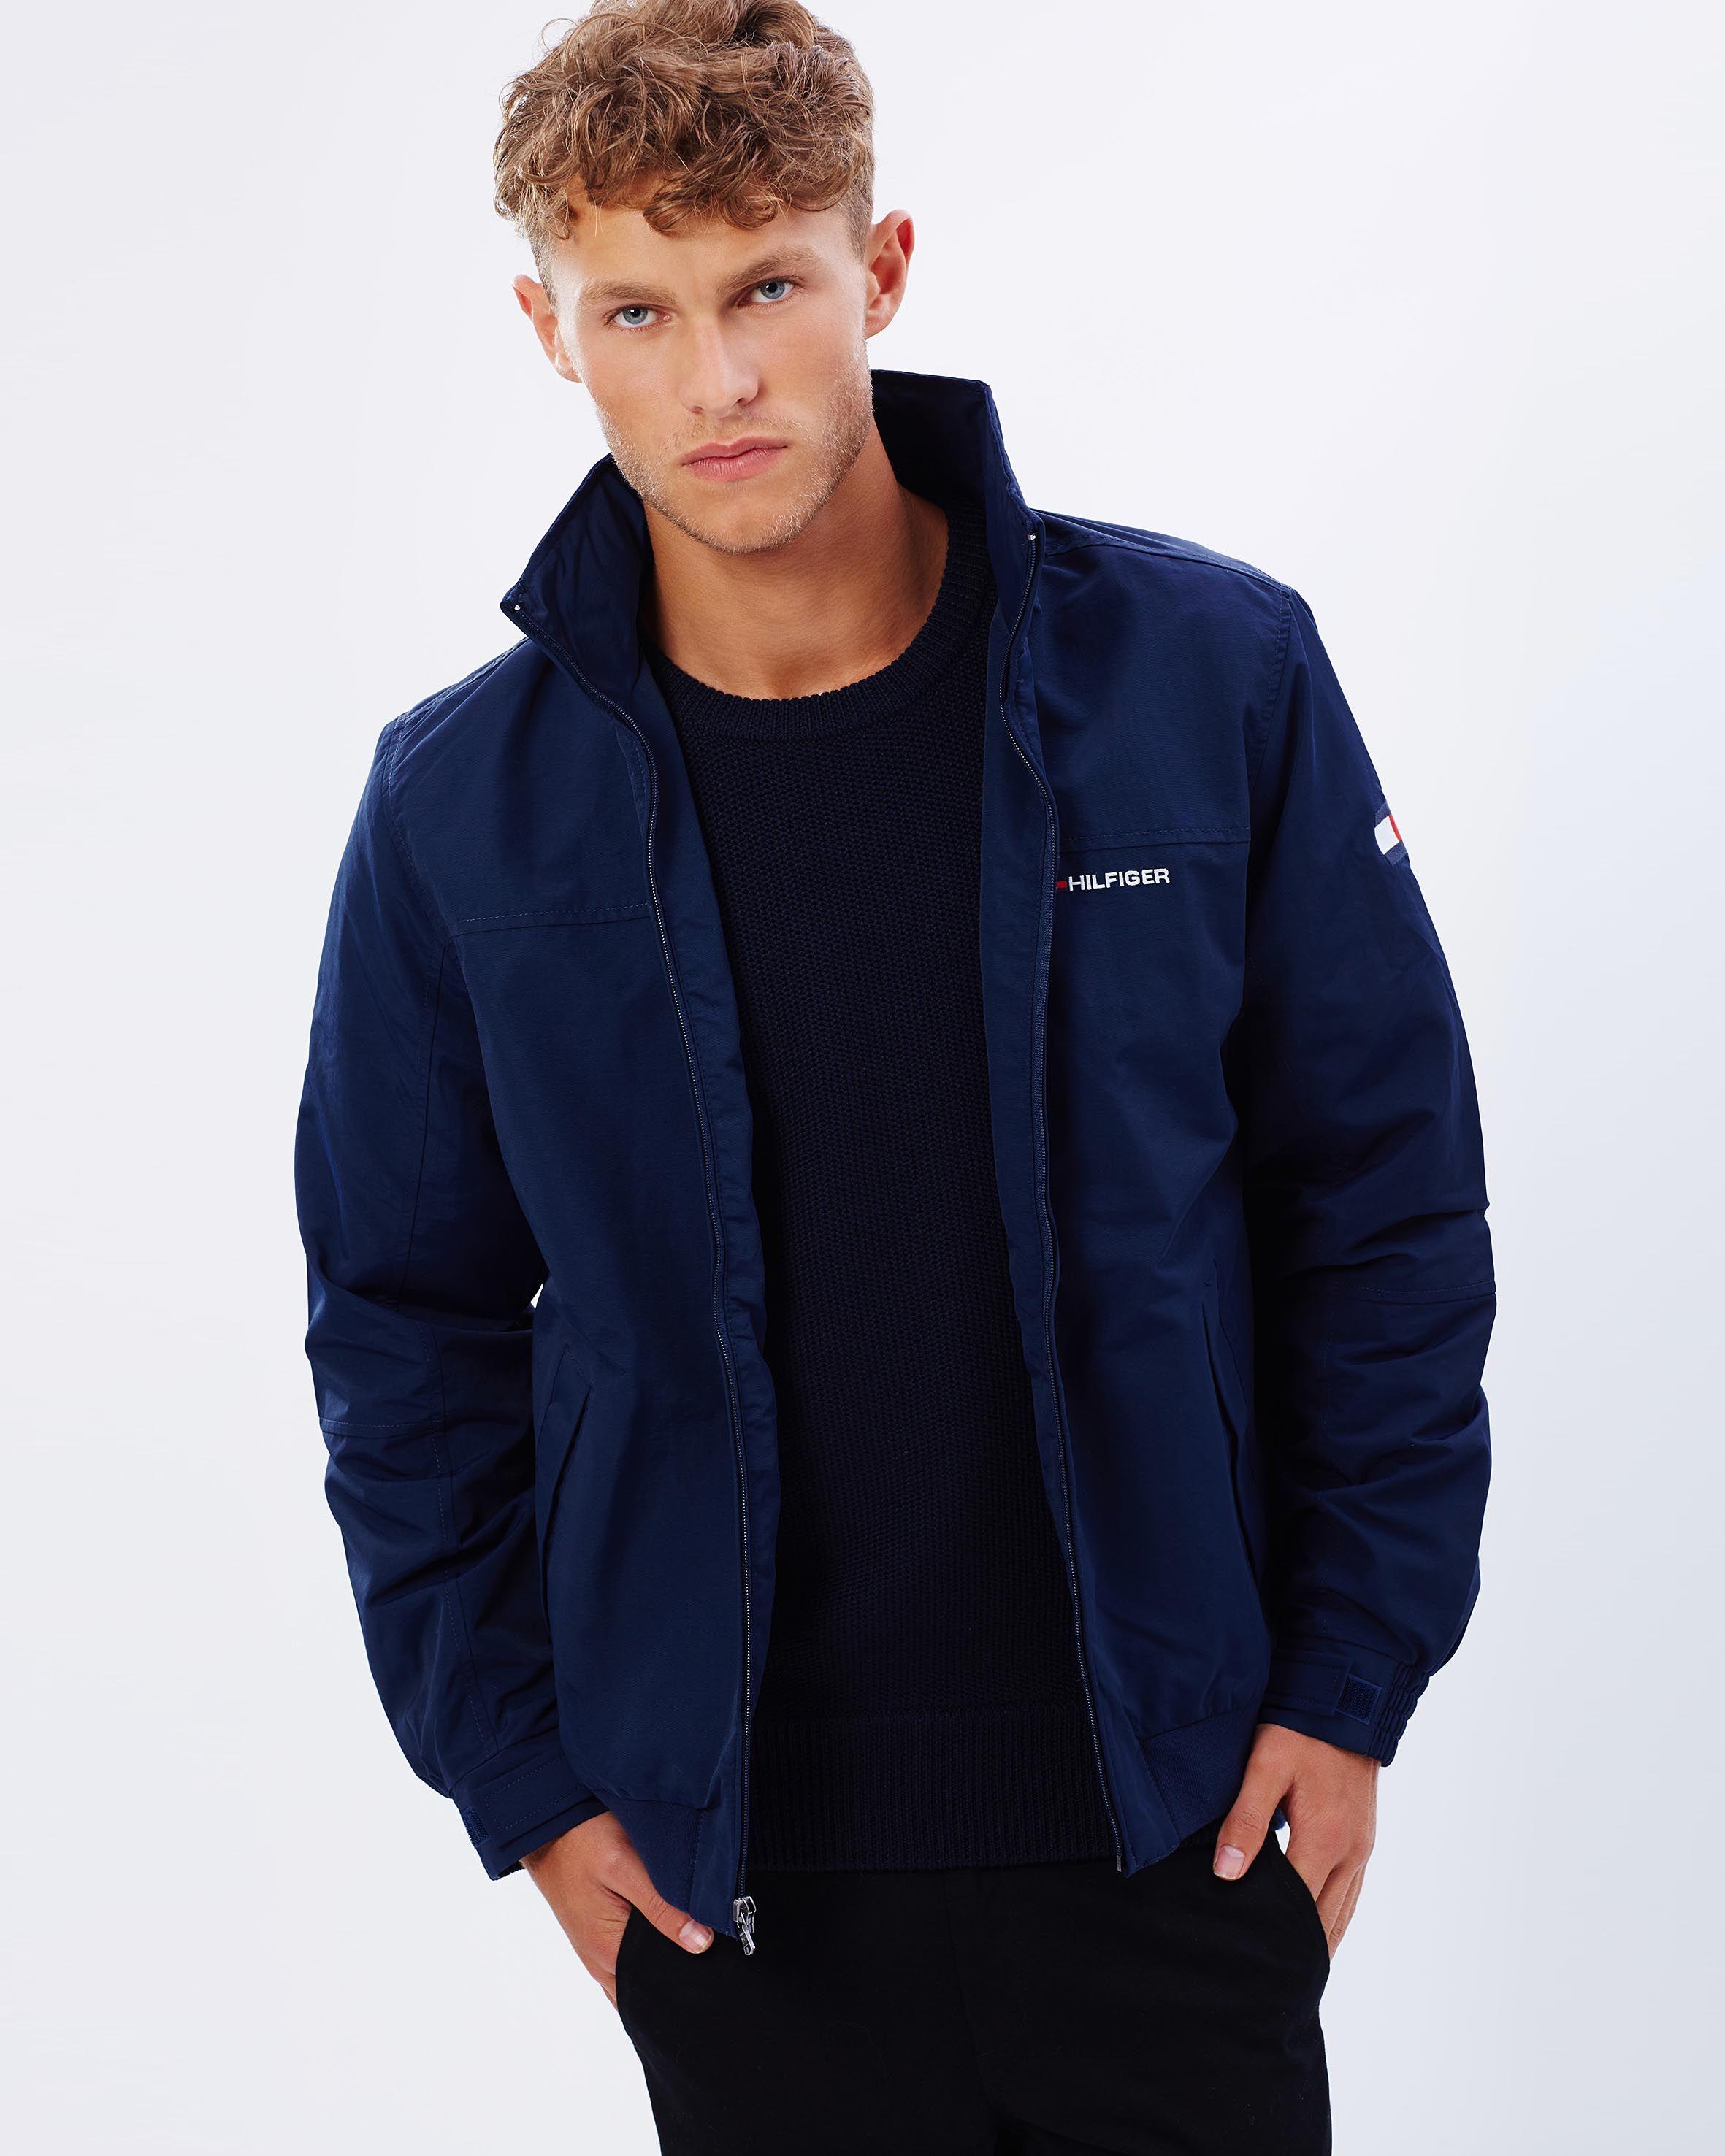 New Tommy Yacht Jacket Tommy Hilfiger Jackets Tommy [ 2953 x 2362 Pixel ]